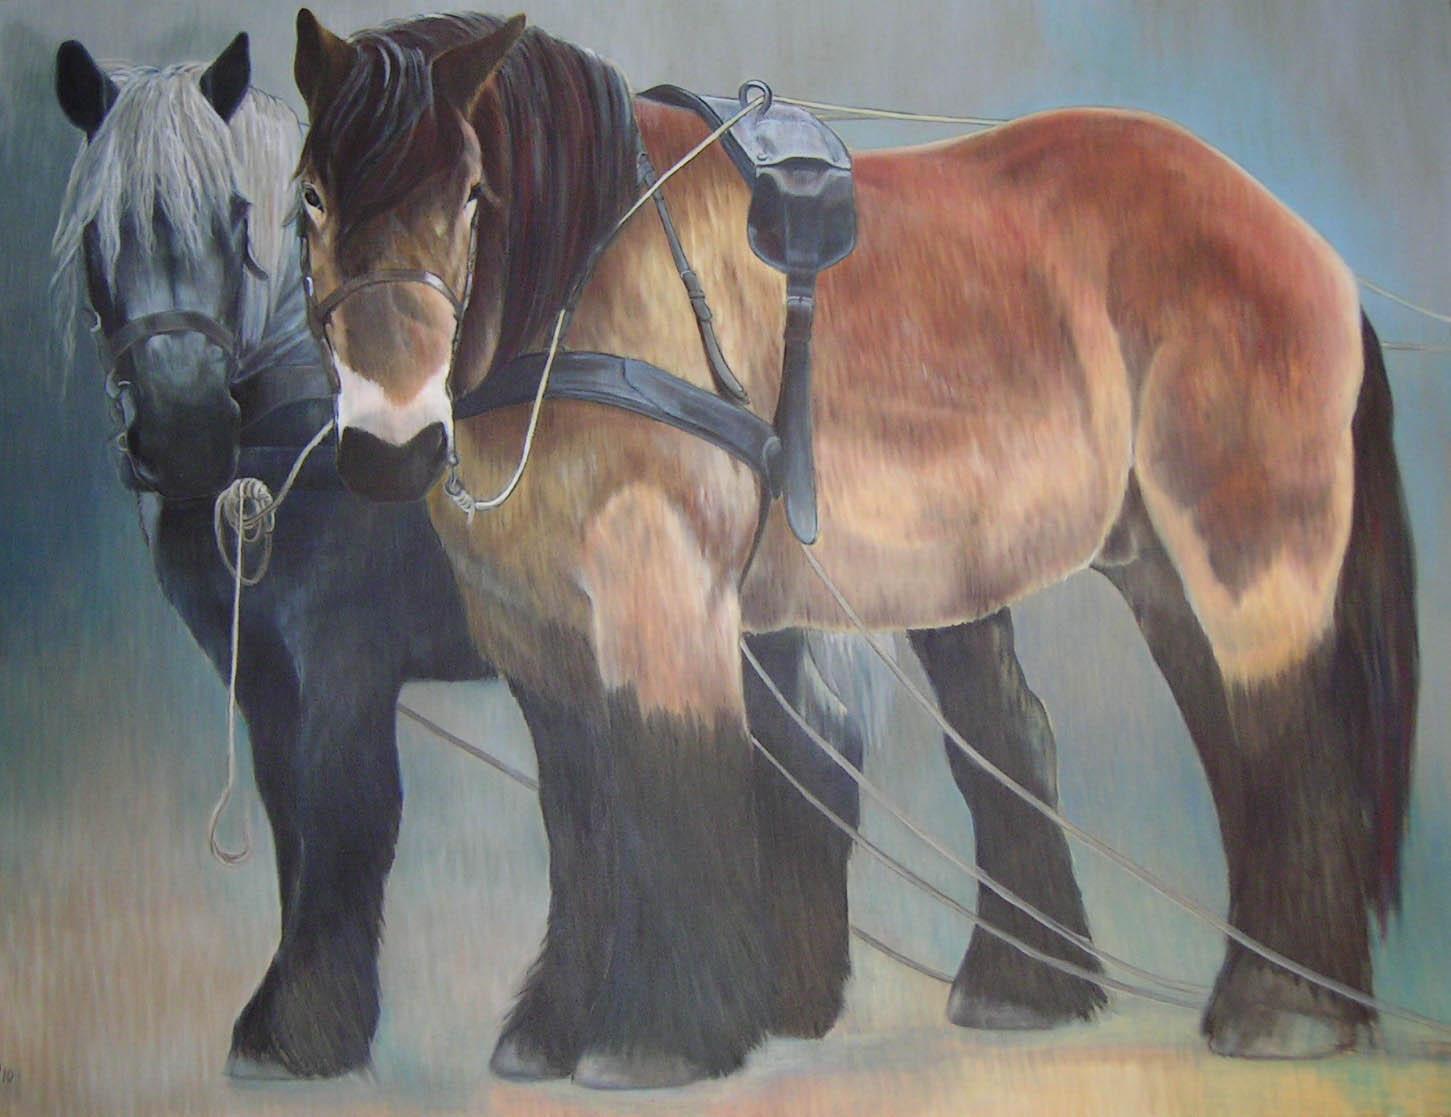 Paardenkracht, 90 x 120 cm, olieverf - kunstuitleen